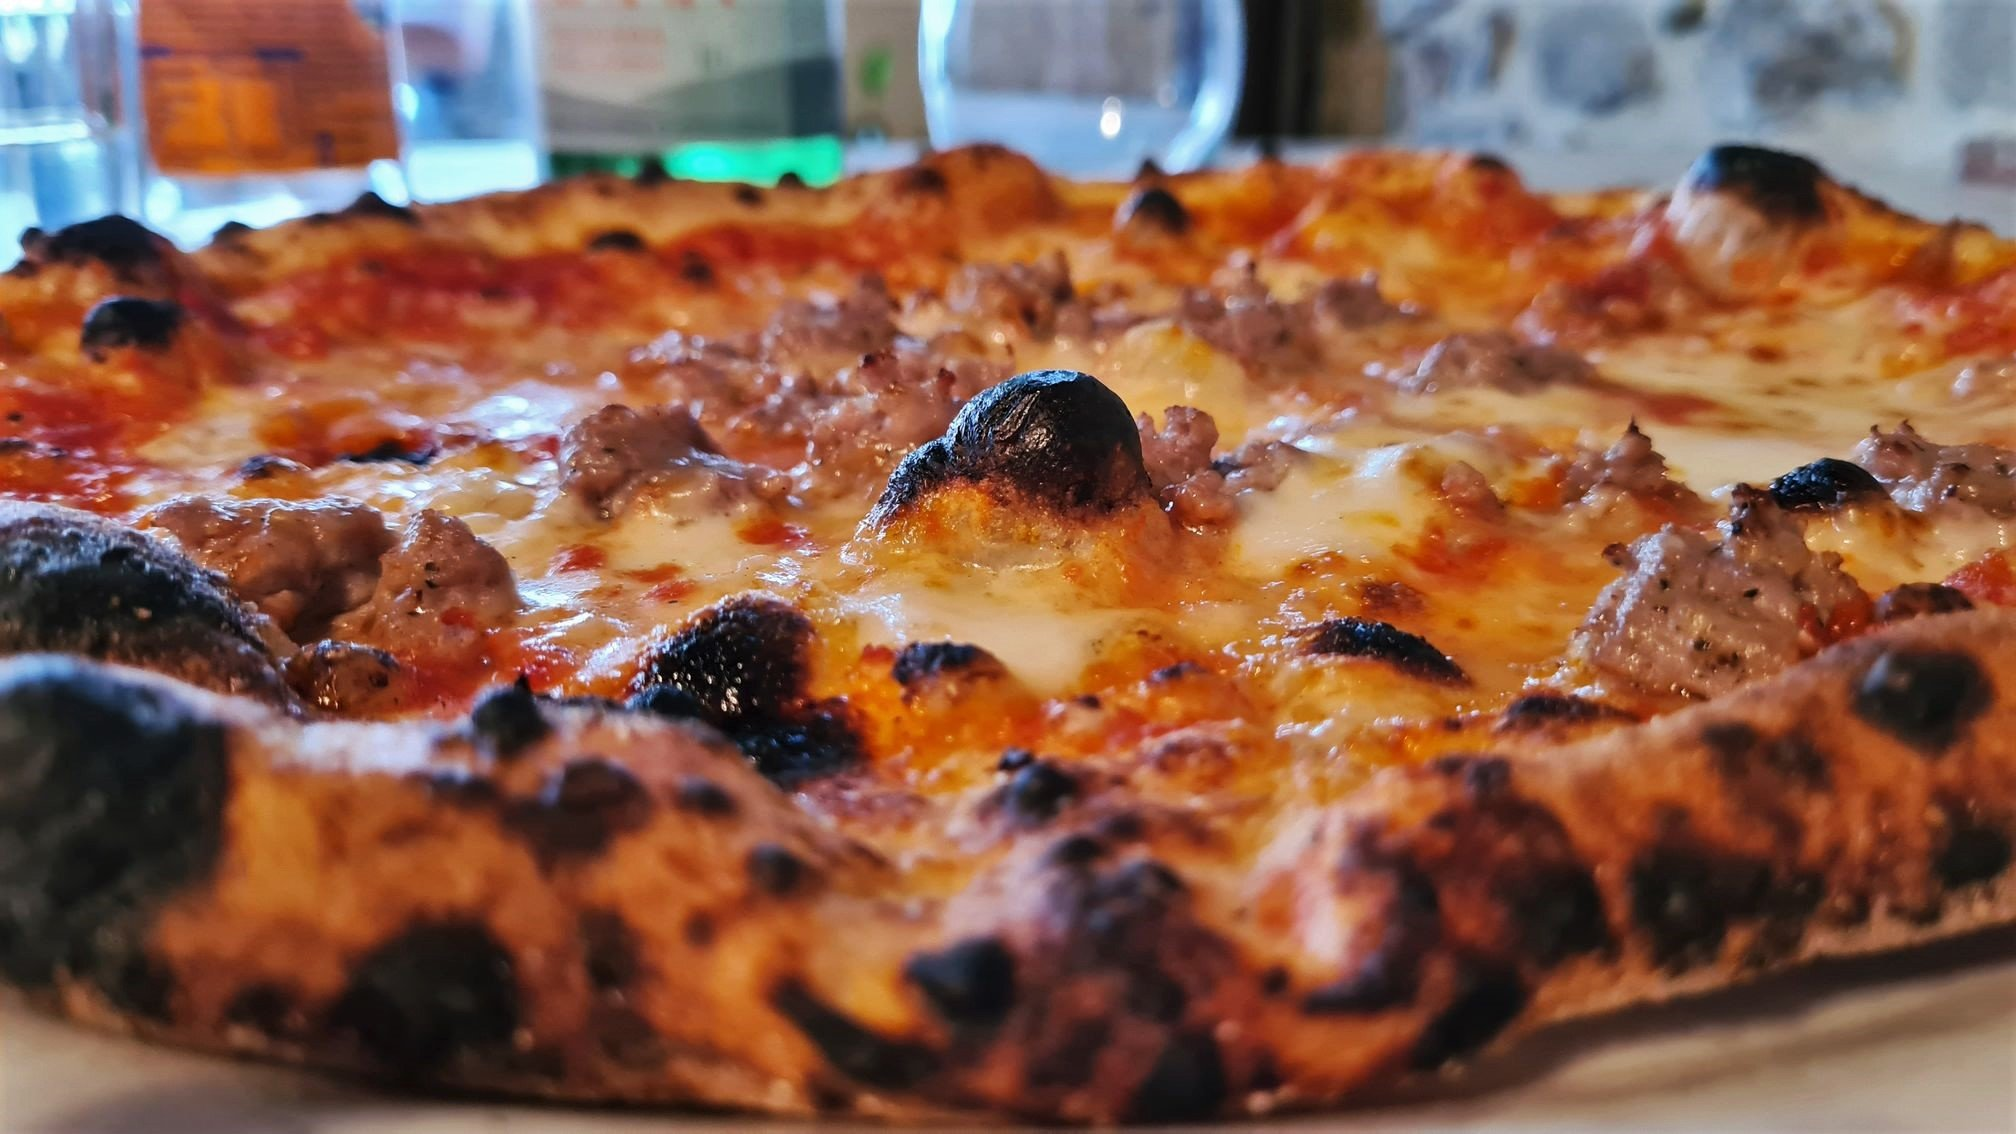 La pizza a Passignano sul trasimeno